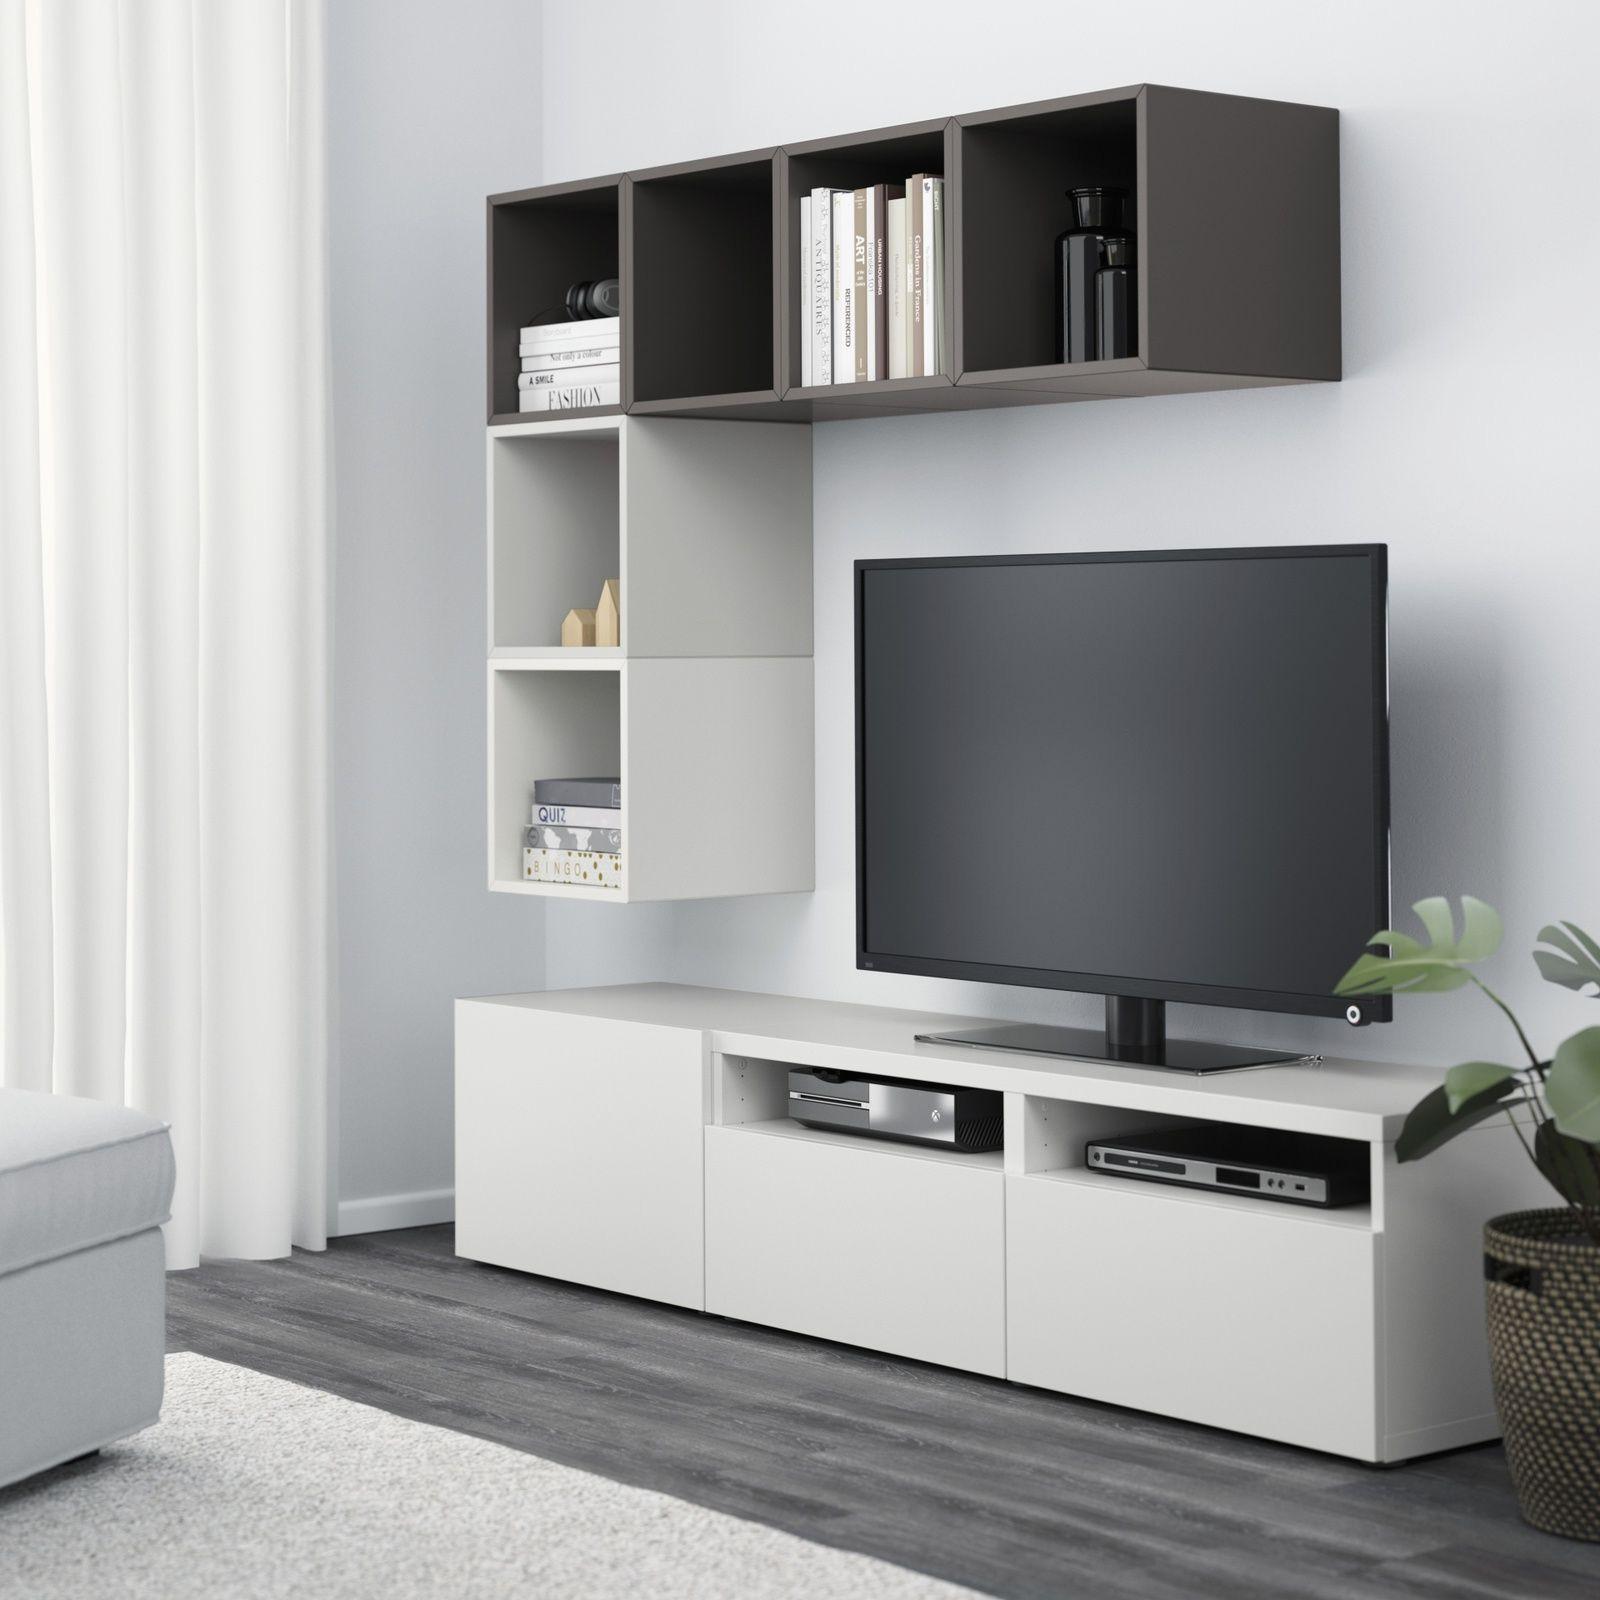 meuble tv castorama meuble tv a suspendre etagere murale tele lovely etagere suspendu 0d of meuble tv castorama